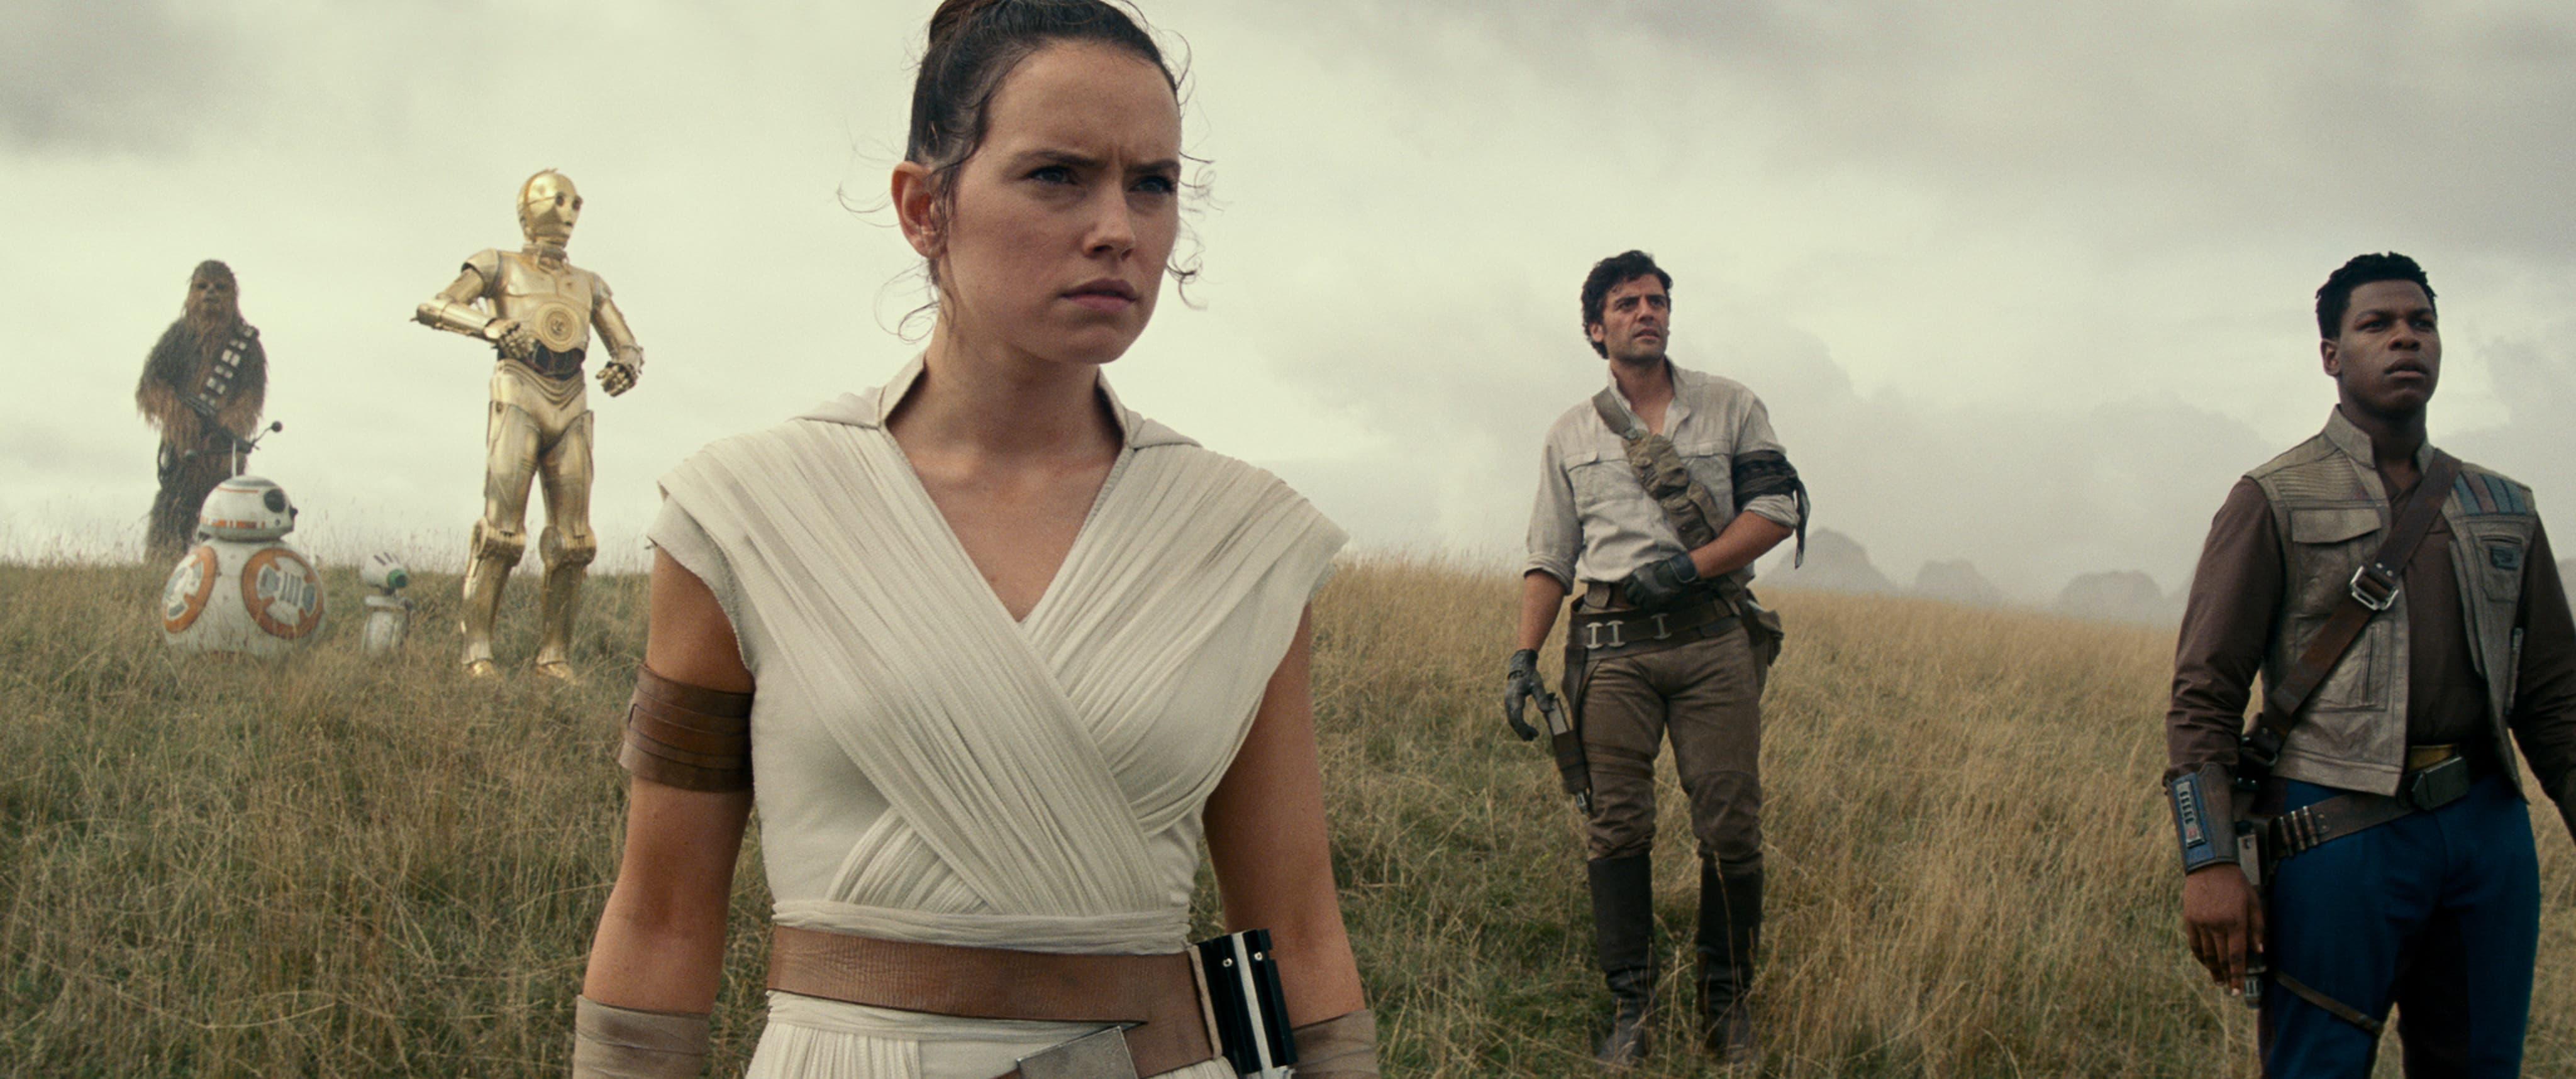 Star Wars Episode 9 What We Know So Far, Star Wars Episode IX Rey Poe